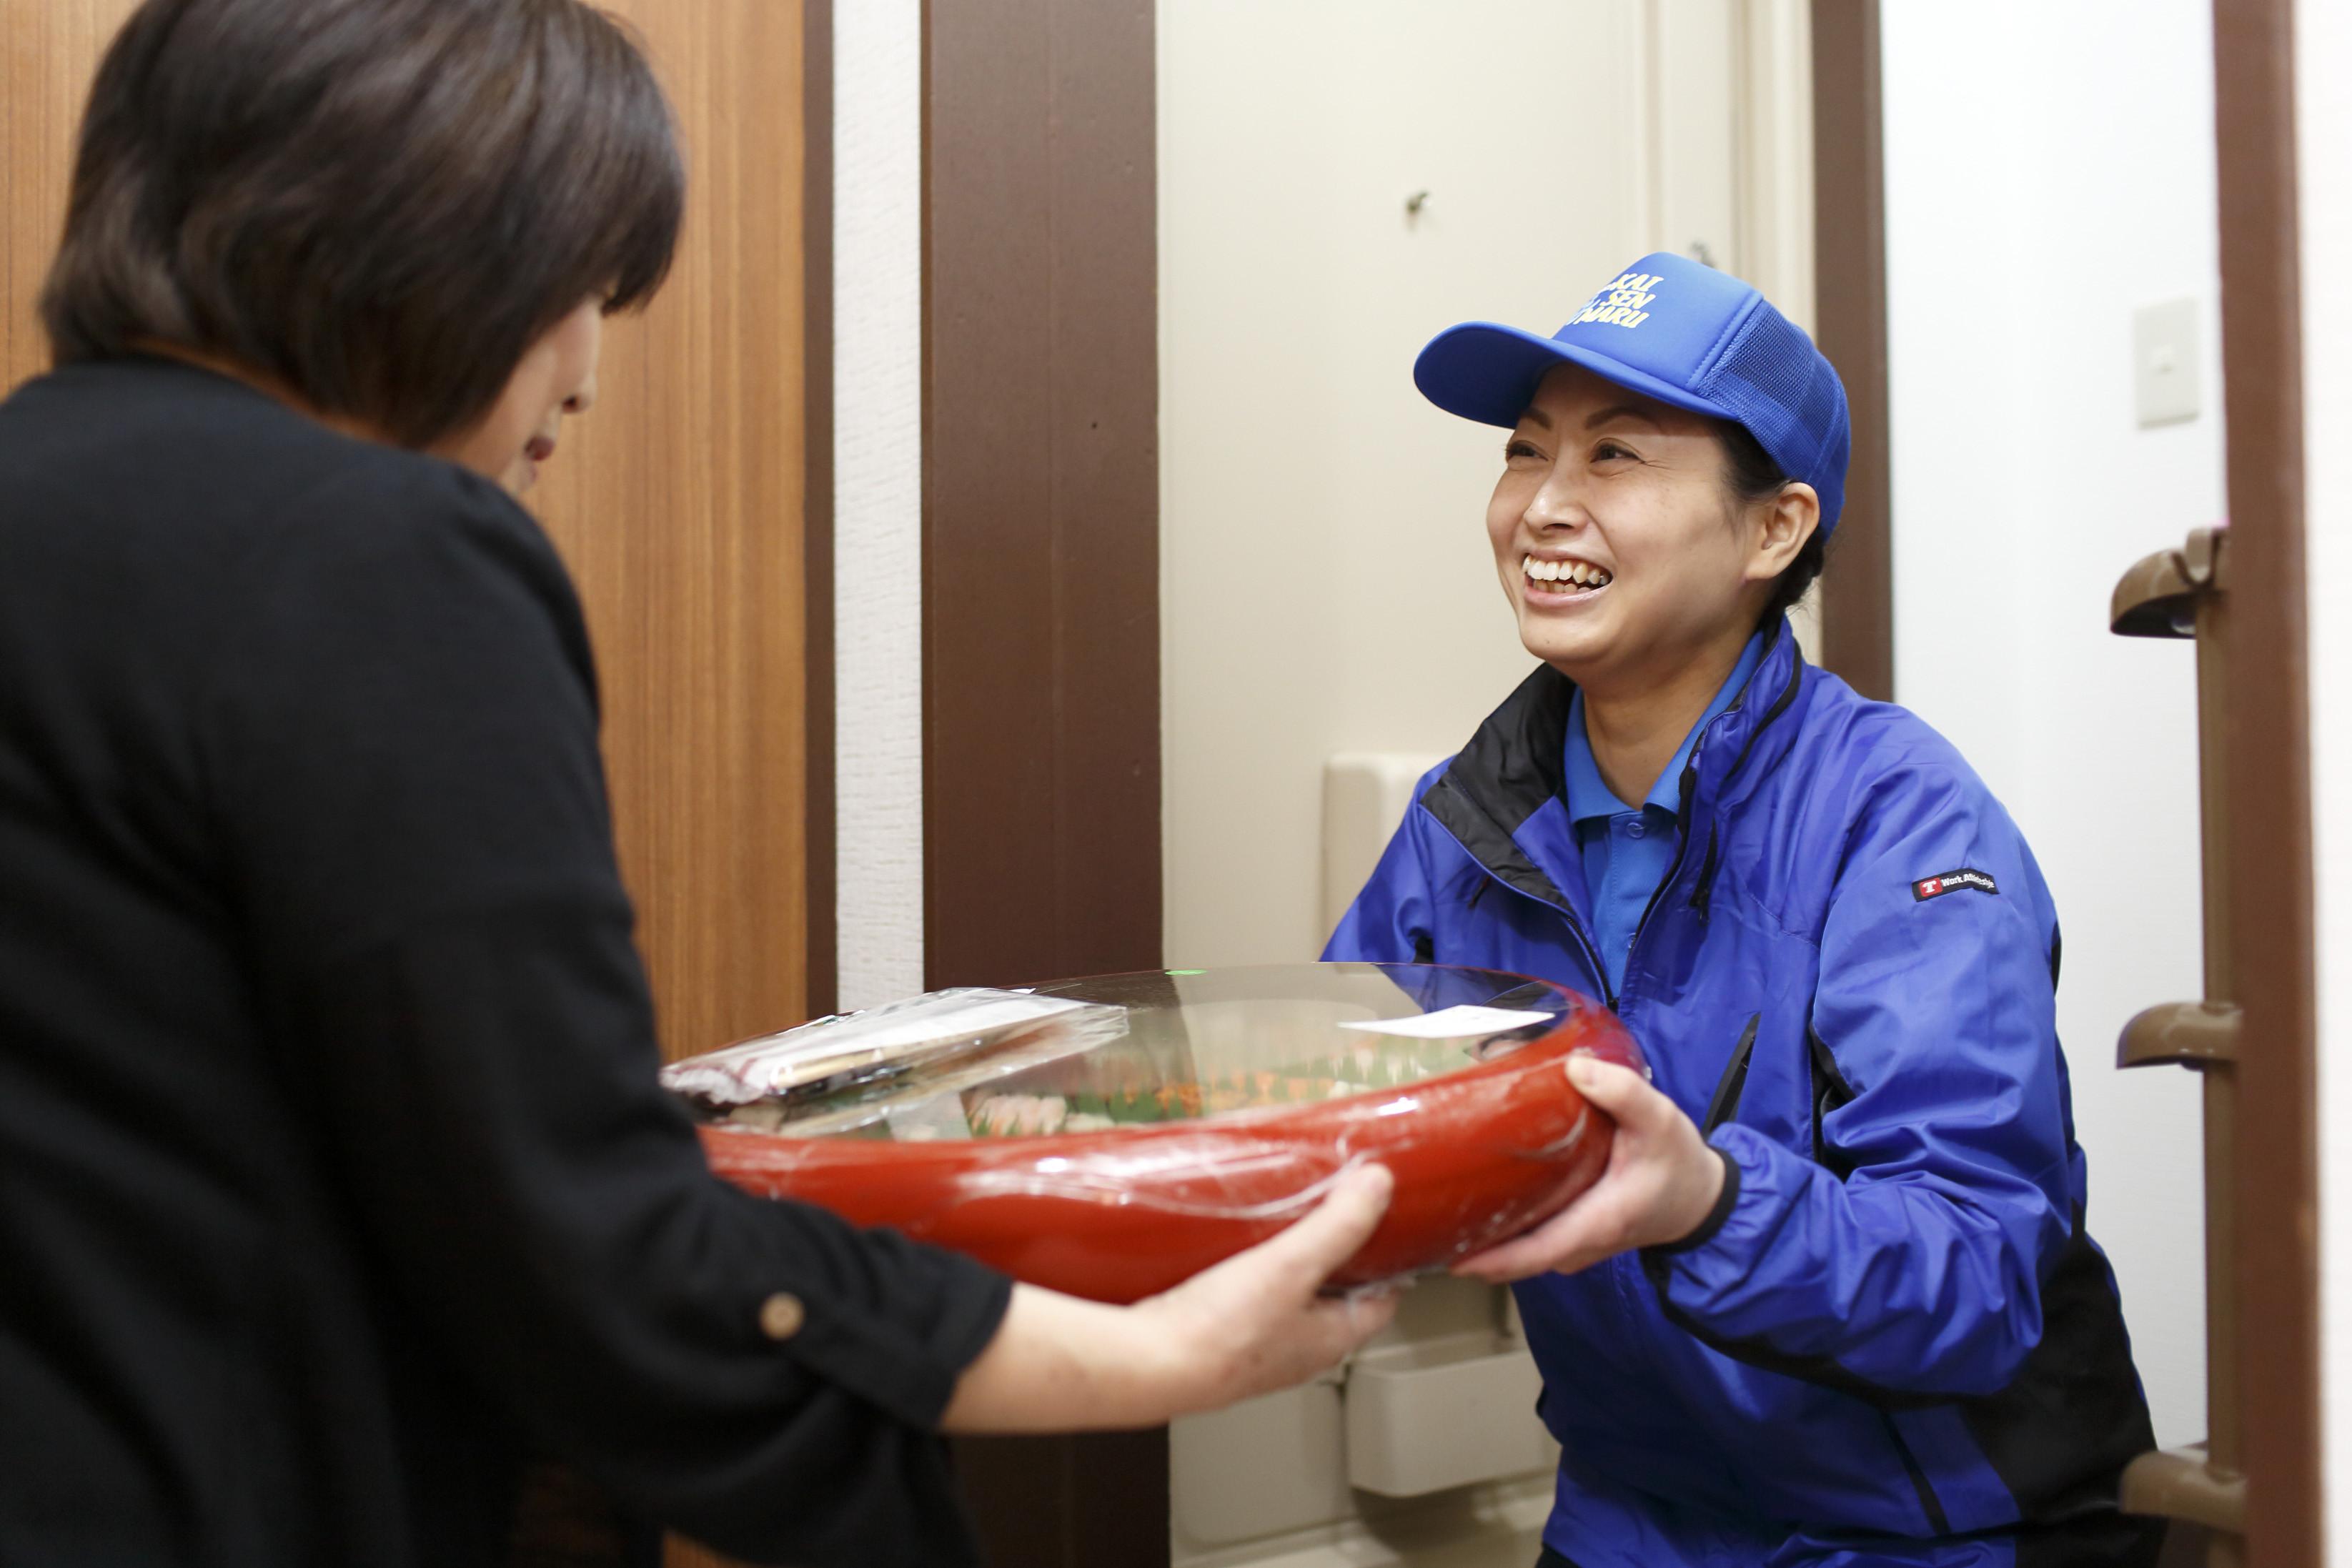 札幌海鮮丸 山鼻店 デリバリー(配達)スタッフのアルバイト情報